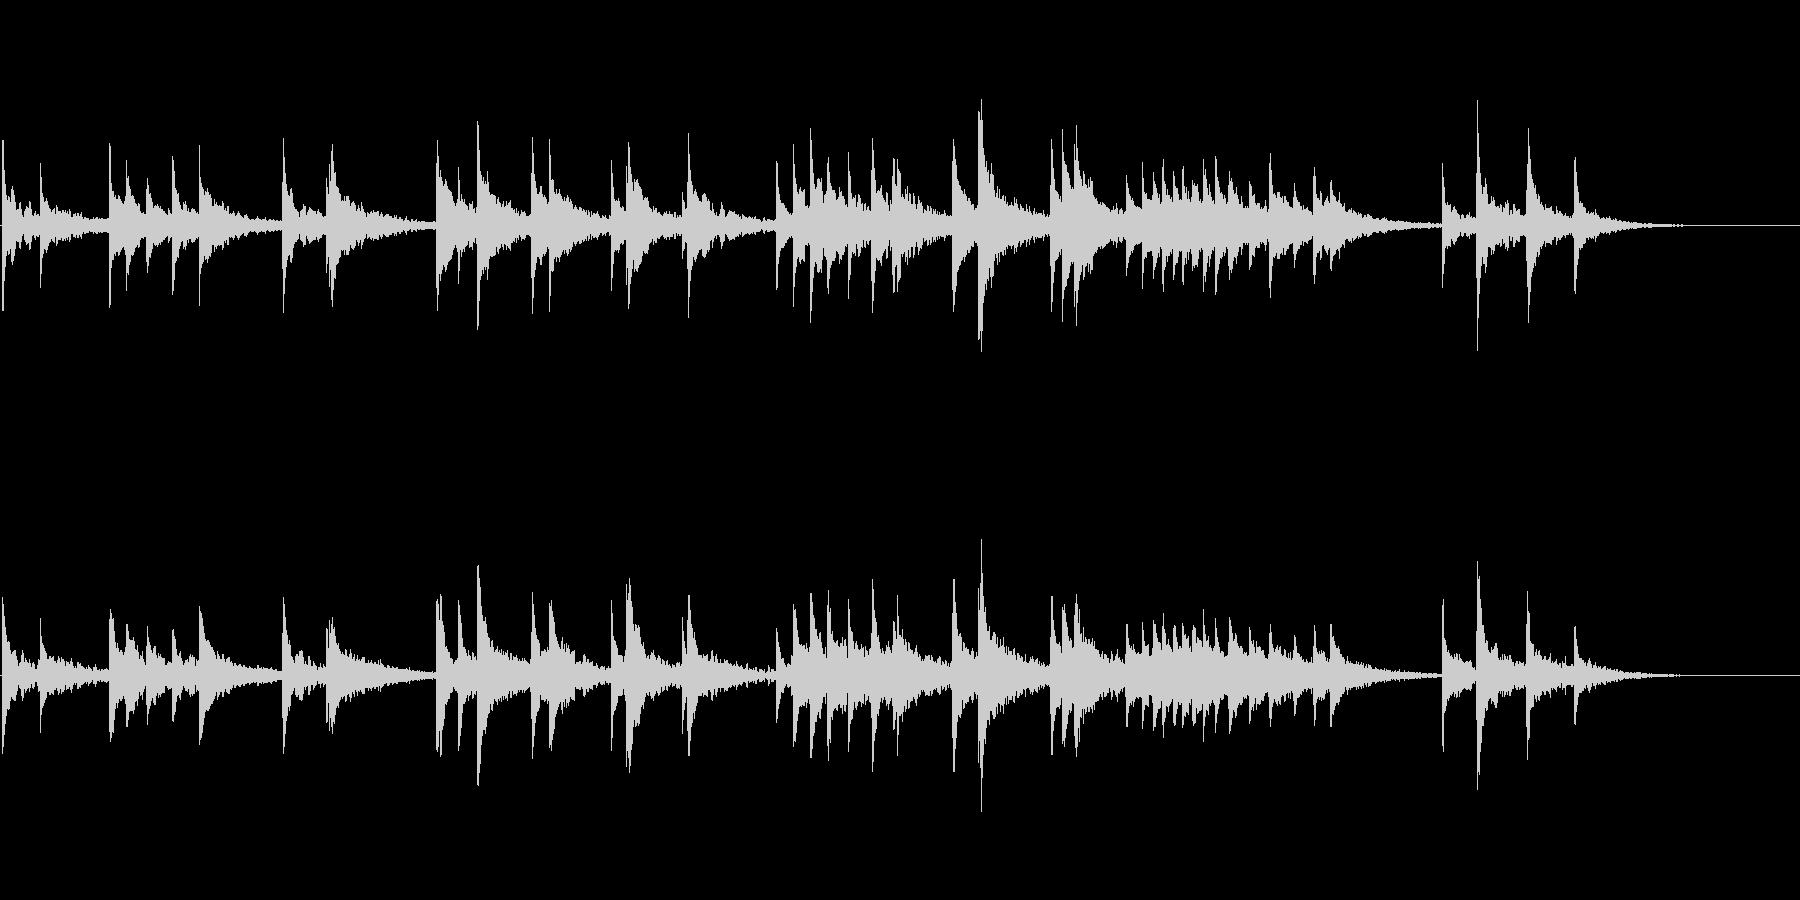 幻想的な響きを意識したお琴音源の未再生の波形